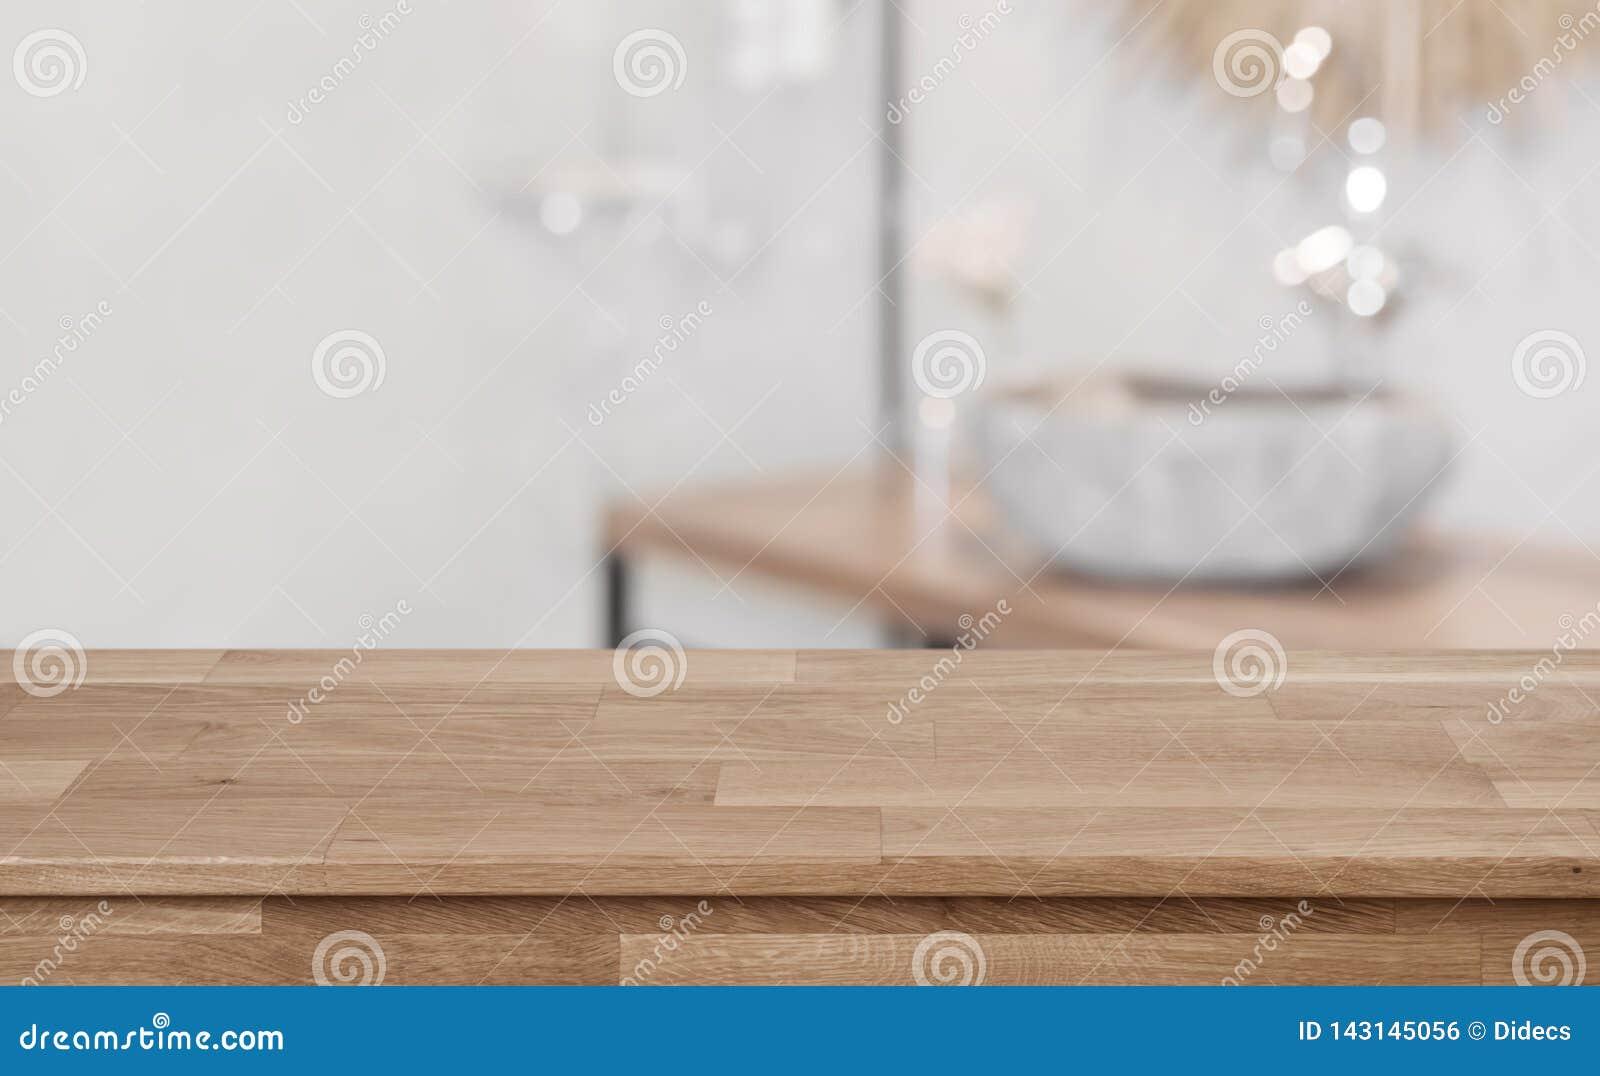 Fondo interior del cuarto de baño Defocused con la sobremesa de madera en frente